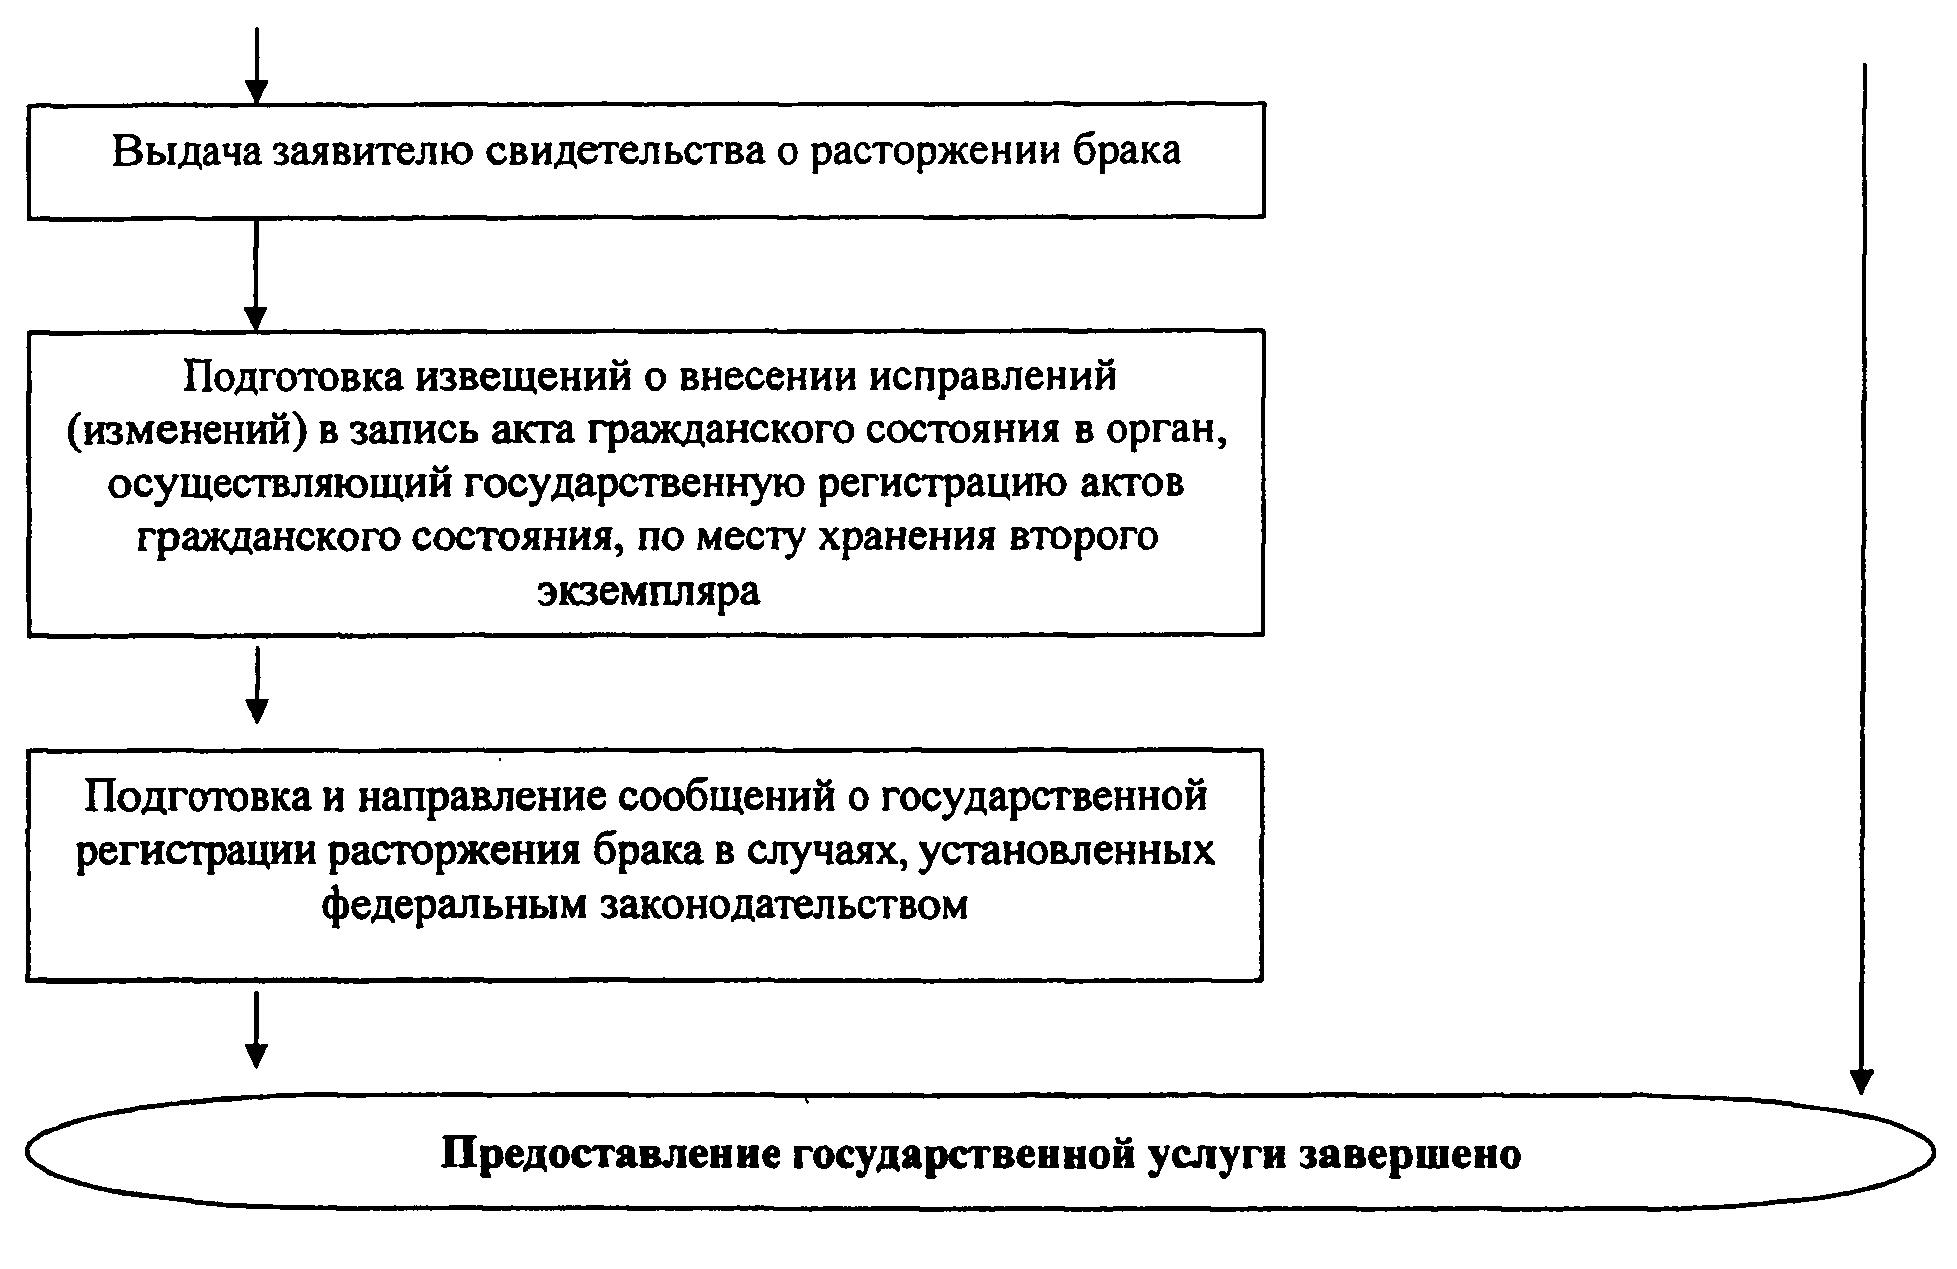 РИС. 8 К ПРИКАЗУ МИНЮСТА РФ ОТ 29.11.2011 N 412